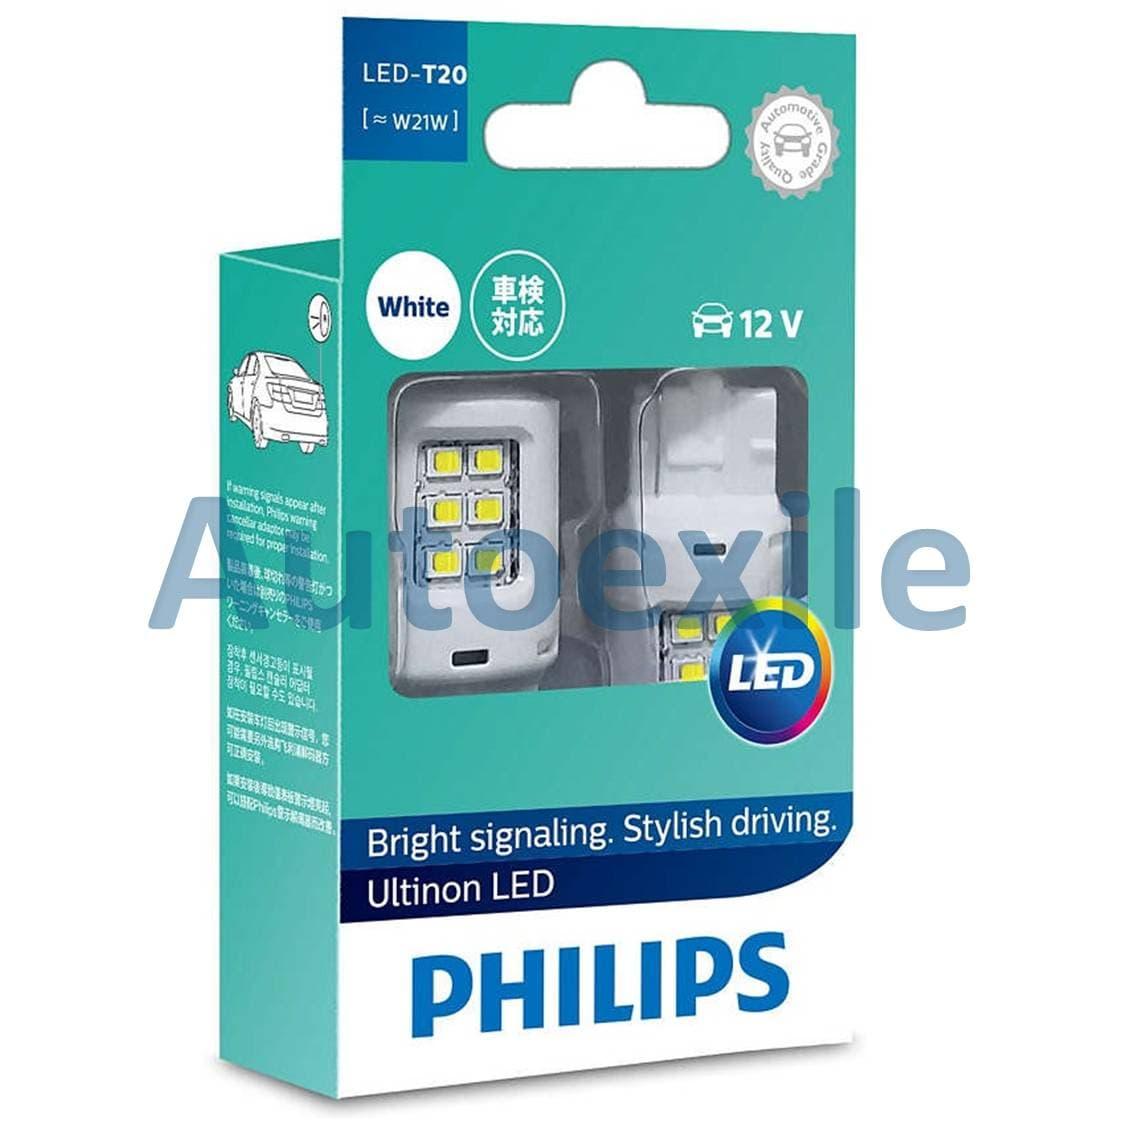 Jual Philips Ultinon Led T20 W21w W21 12v Cahaya Putih Untuk Lampu Rem Pencuci Mesin Cuci Senja Mundur Mobil